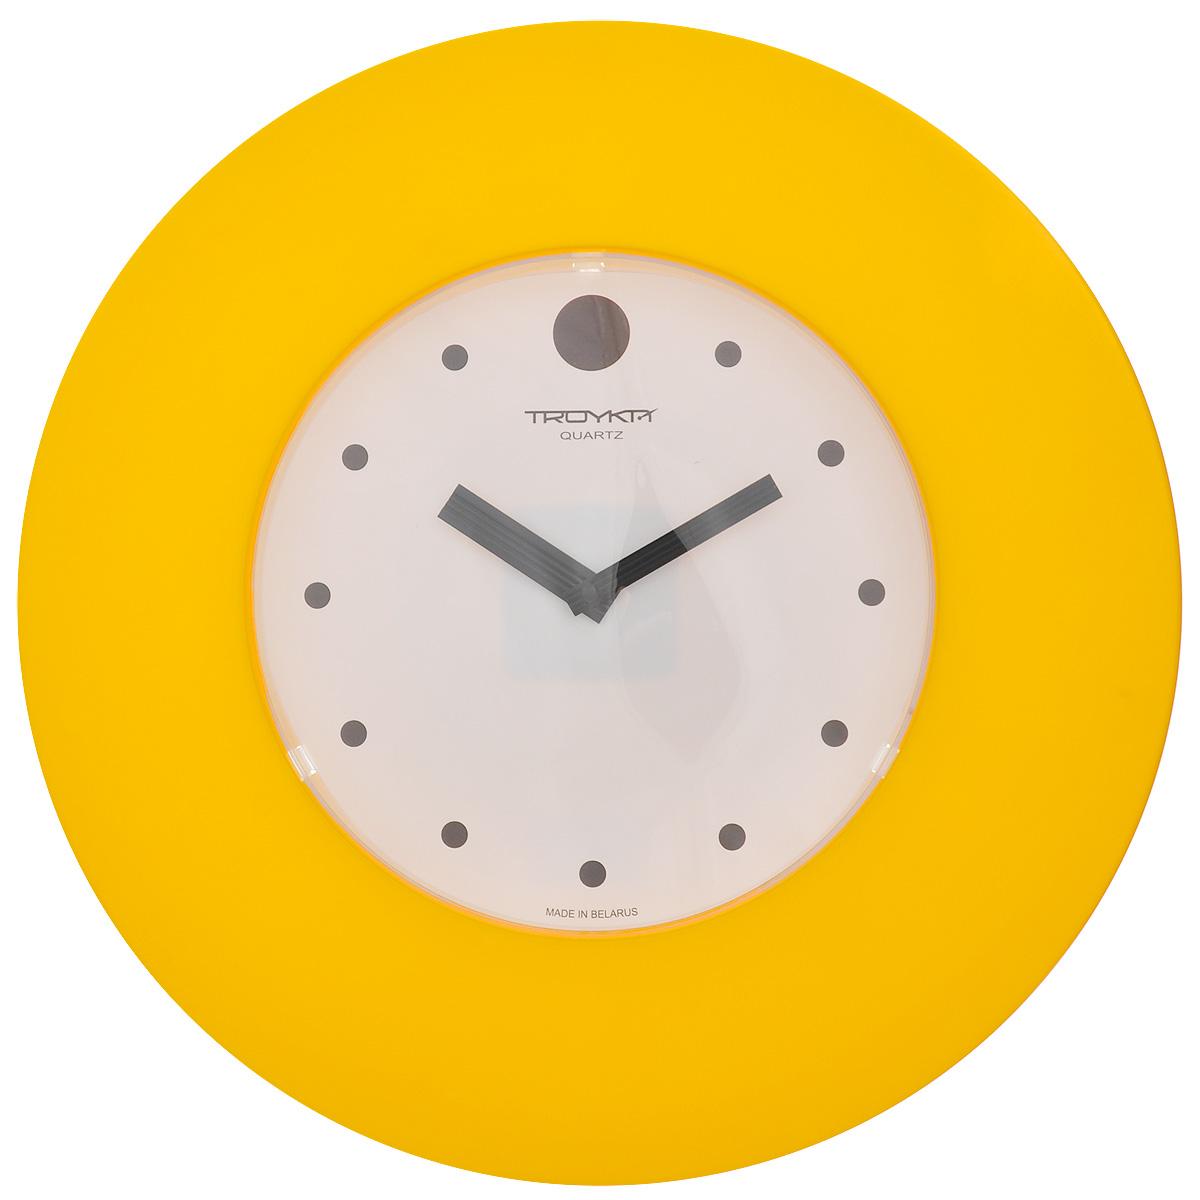 Часы настенные Troyka, цвет: белый, желтый, черный. 5555555655555556Настенные кварцевые часы с классическим дизайном Troyka, изготовленные из пластика, прекрасно подойдут под интерьер вашего дома. Круглые часы имеют три стрелки: часовую, минутную и секундную, циферблат защищен прозрачным пластиком. Диаметр часов: 37,5 см. Часы работают от 1 батарейки типа АА напряжением 1,5 В (входит в комплект).